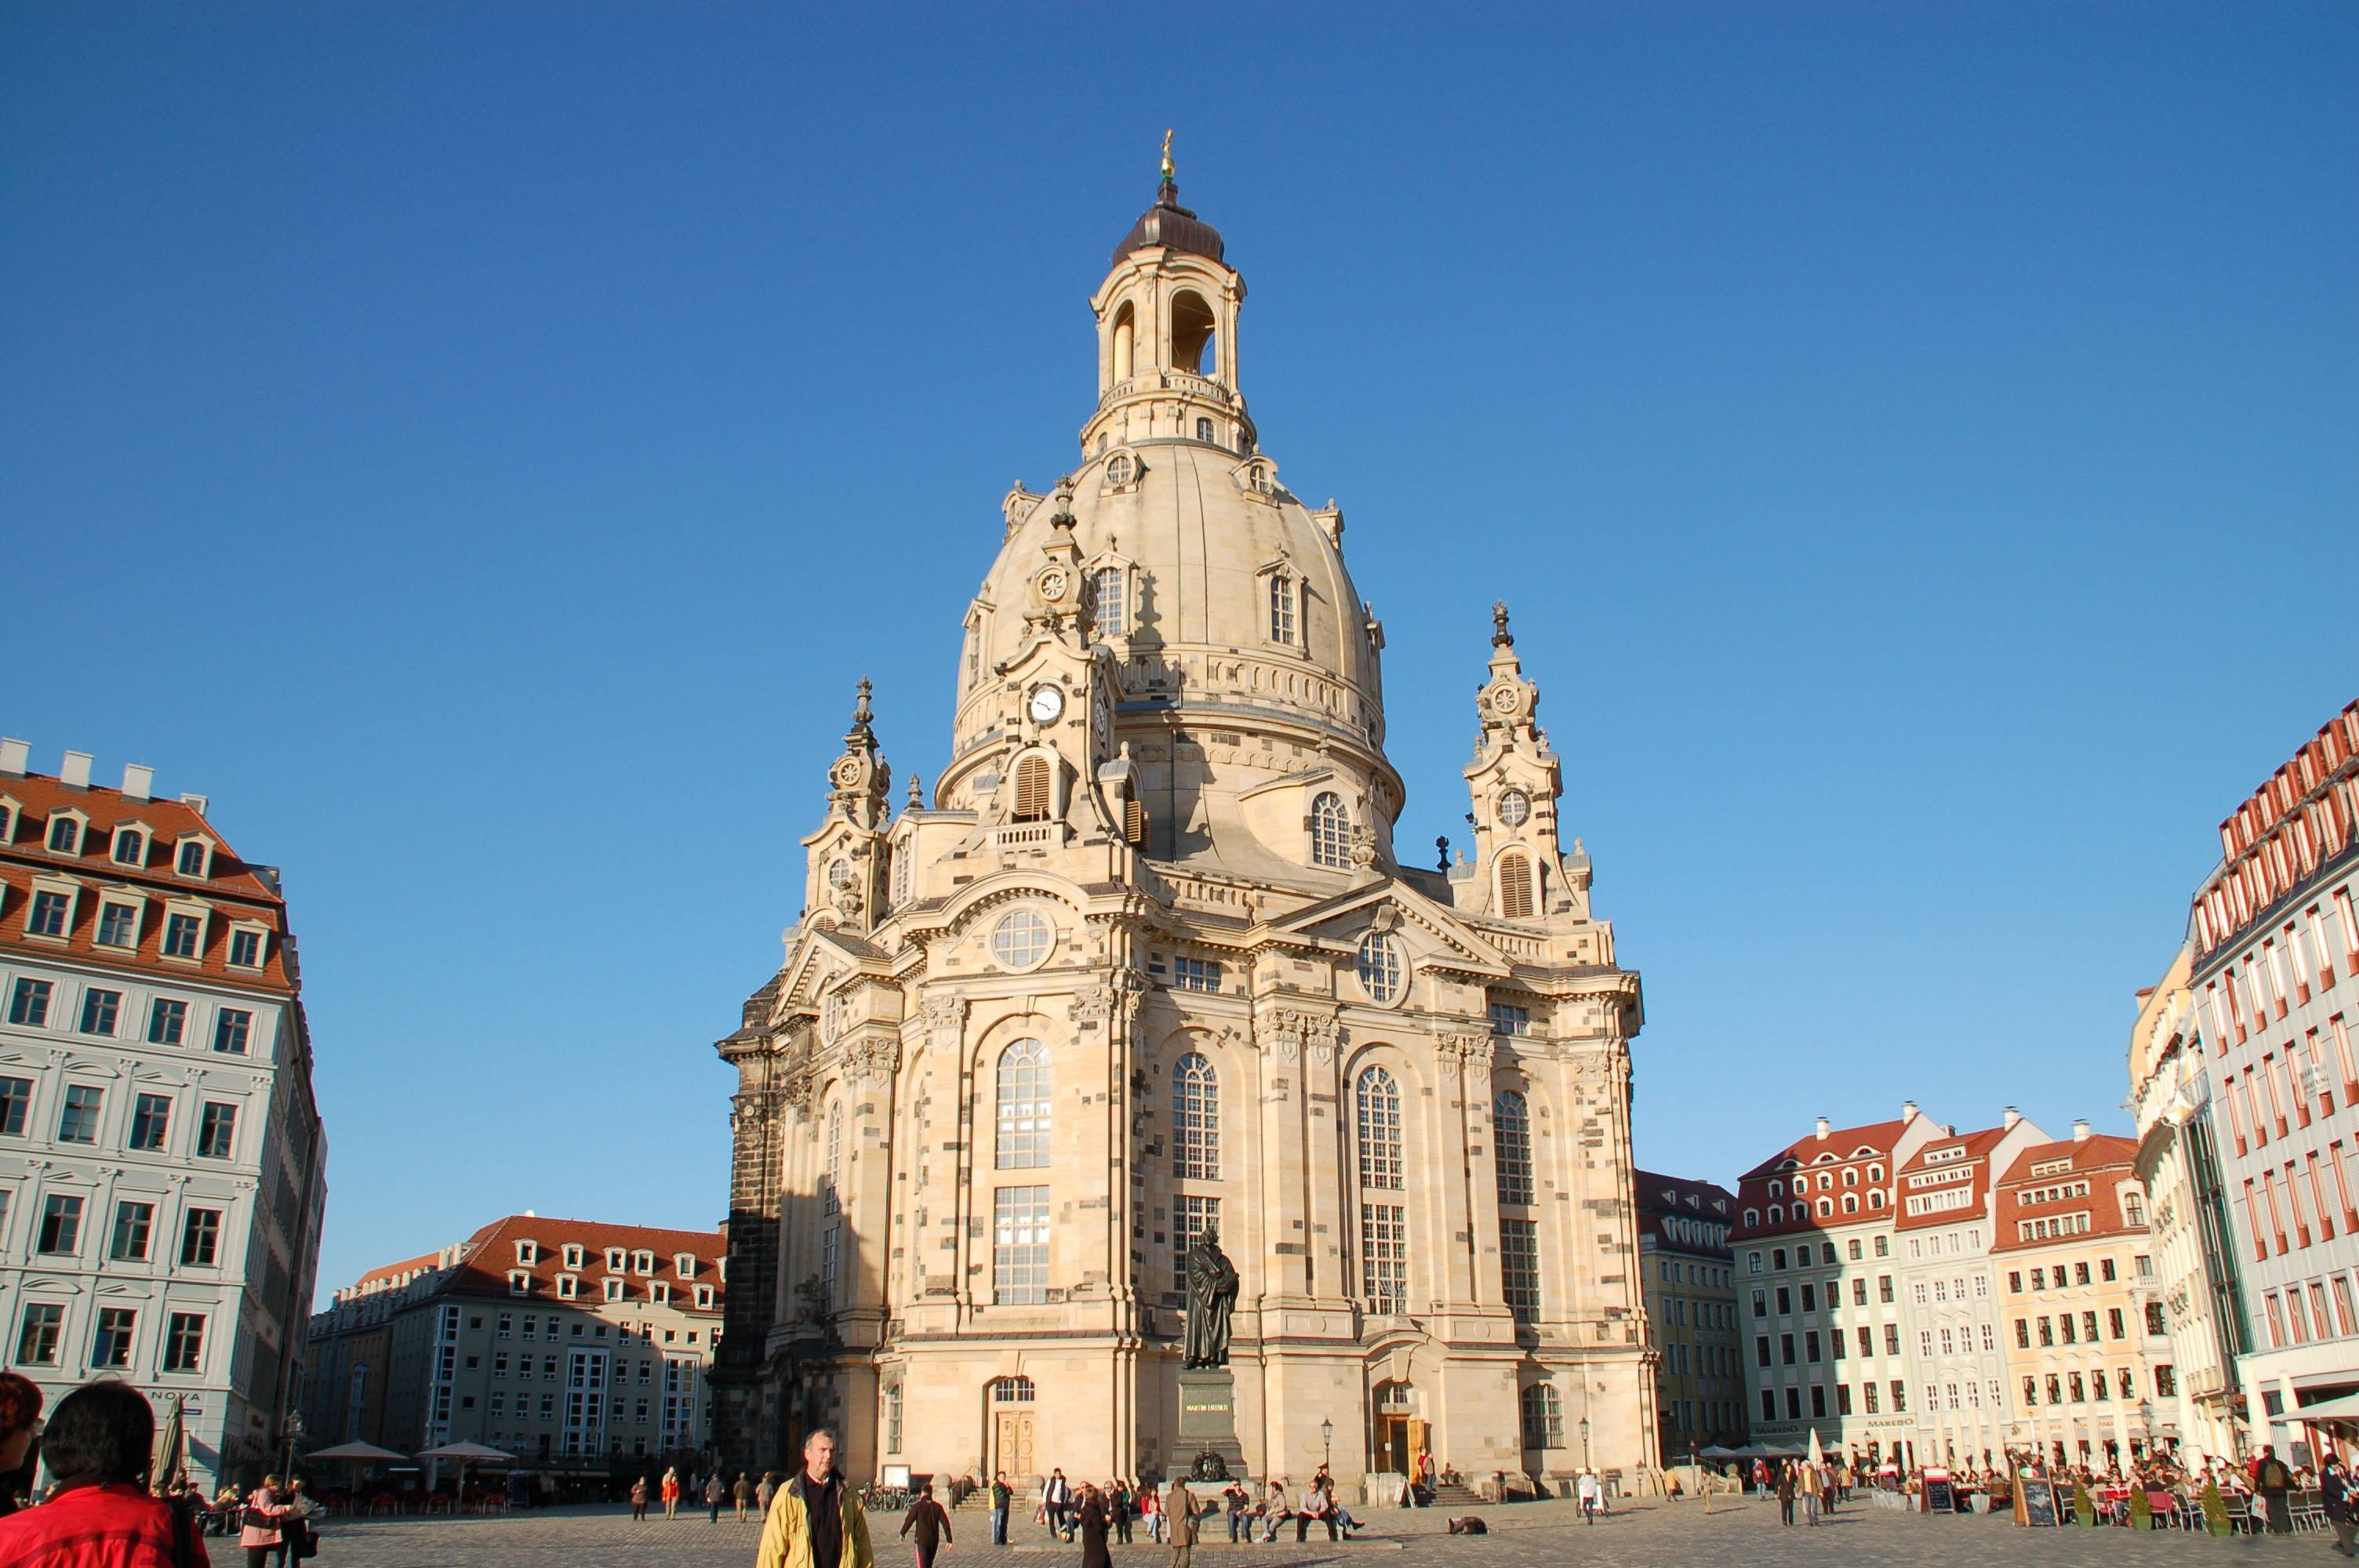 Театинеркирхе, мюнхен. отели рядом, фото, видео, архитектура церкви, внутреннее убранство, история, как добраться — туристер.ру